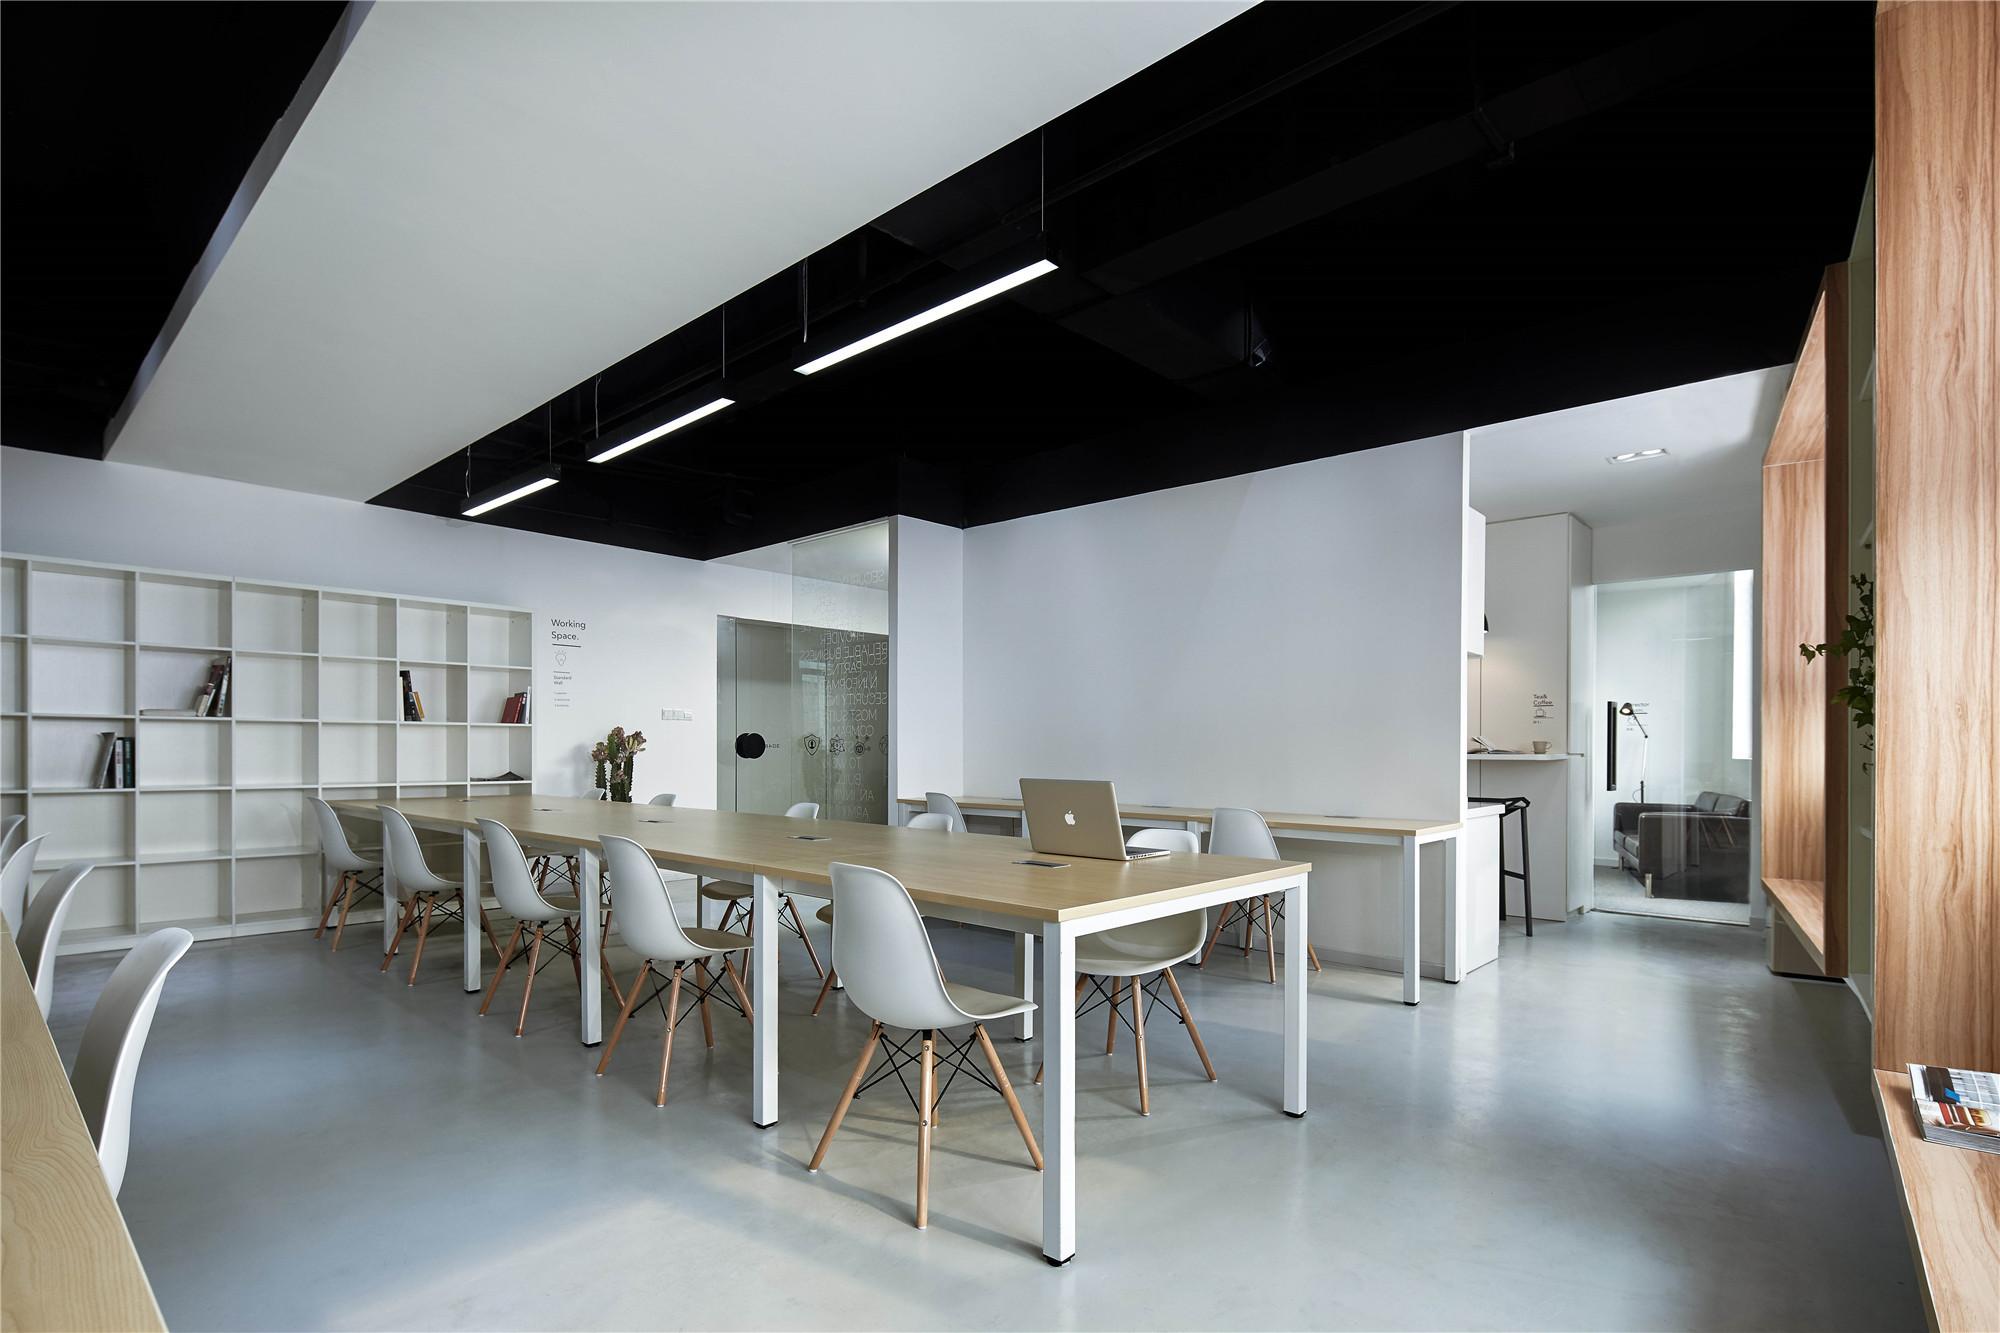 长沙装修公司浩安公装办公空间装修设计案例黑白极简风公司装修格窗设计